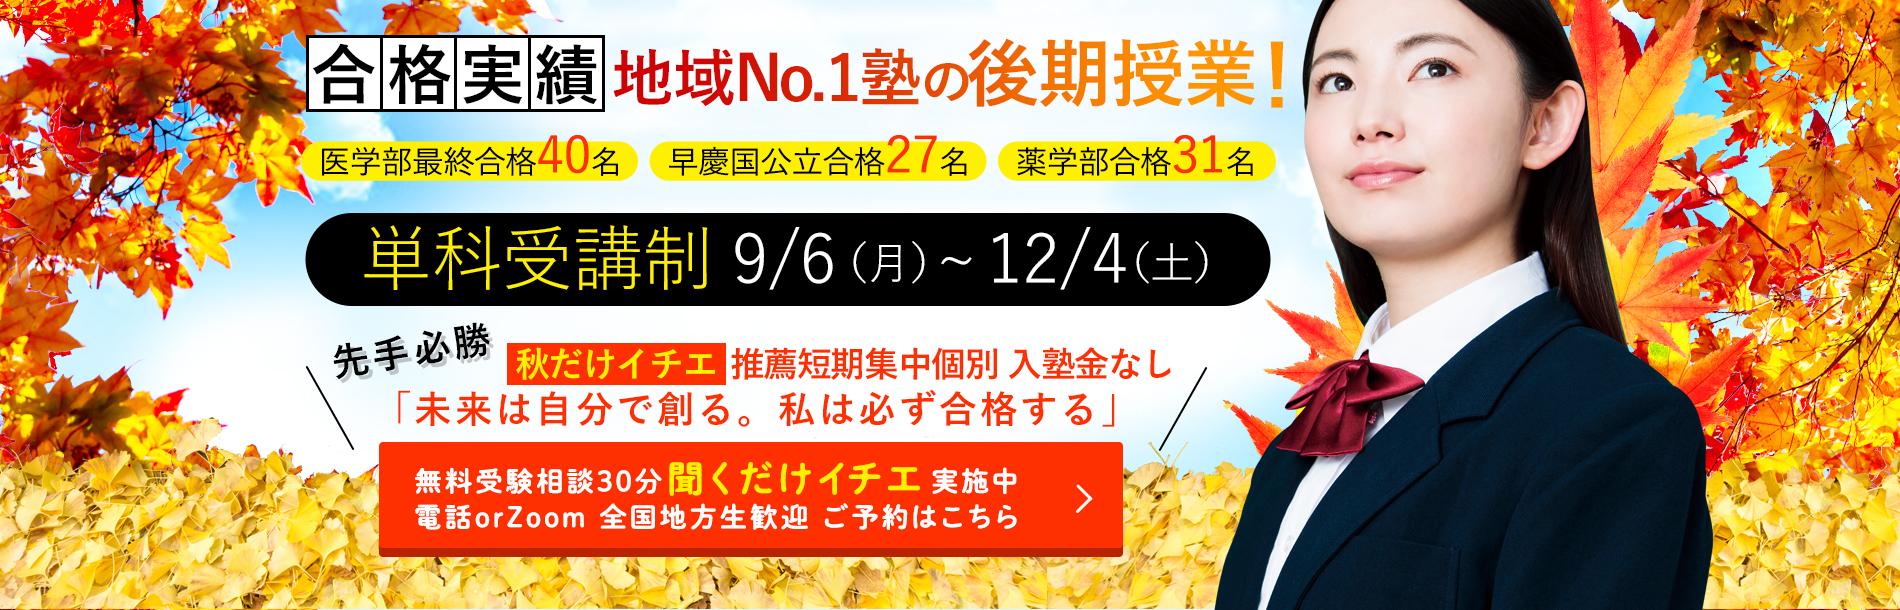 合格実績地域NO.1塾の夏期授業